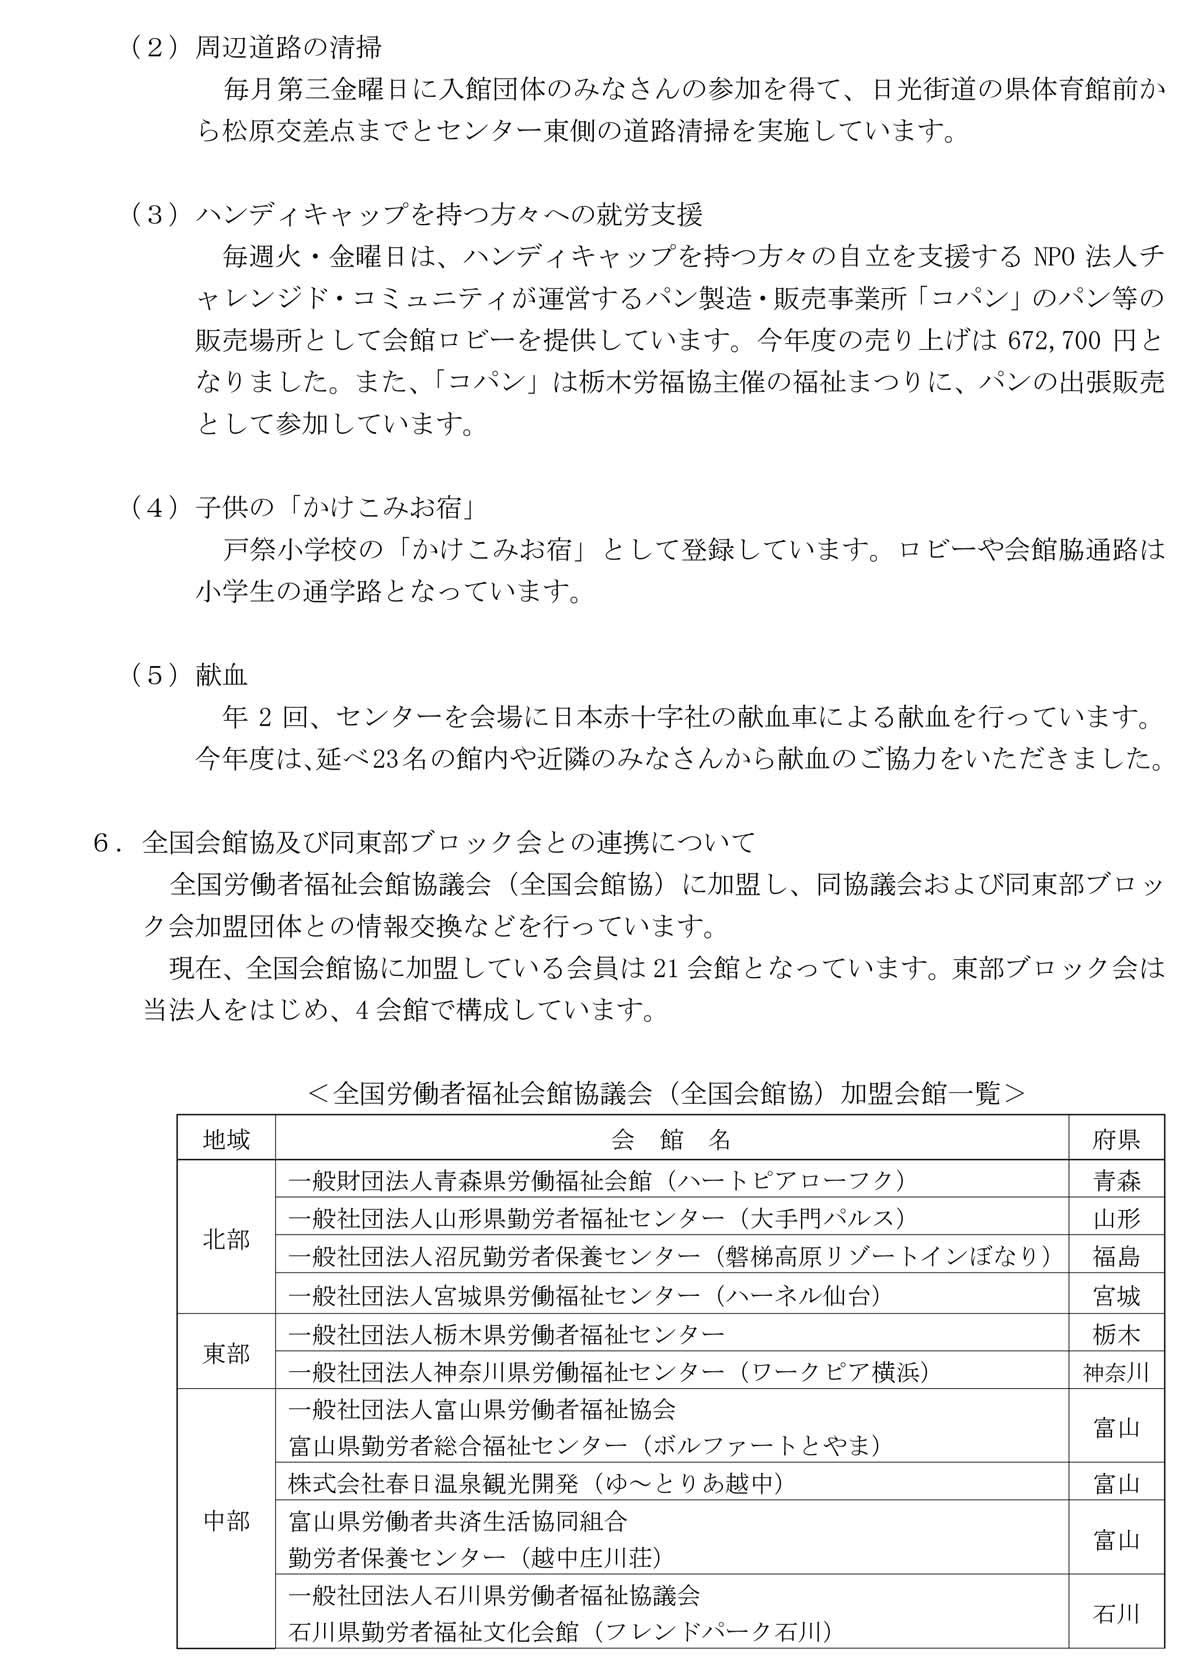 事業報告書54期-6